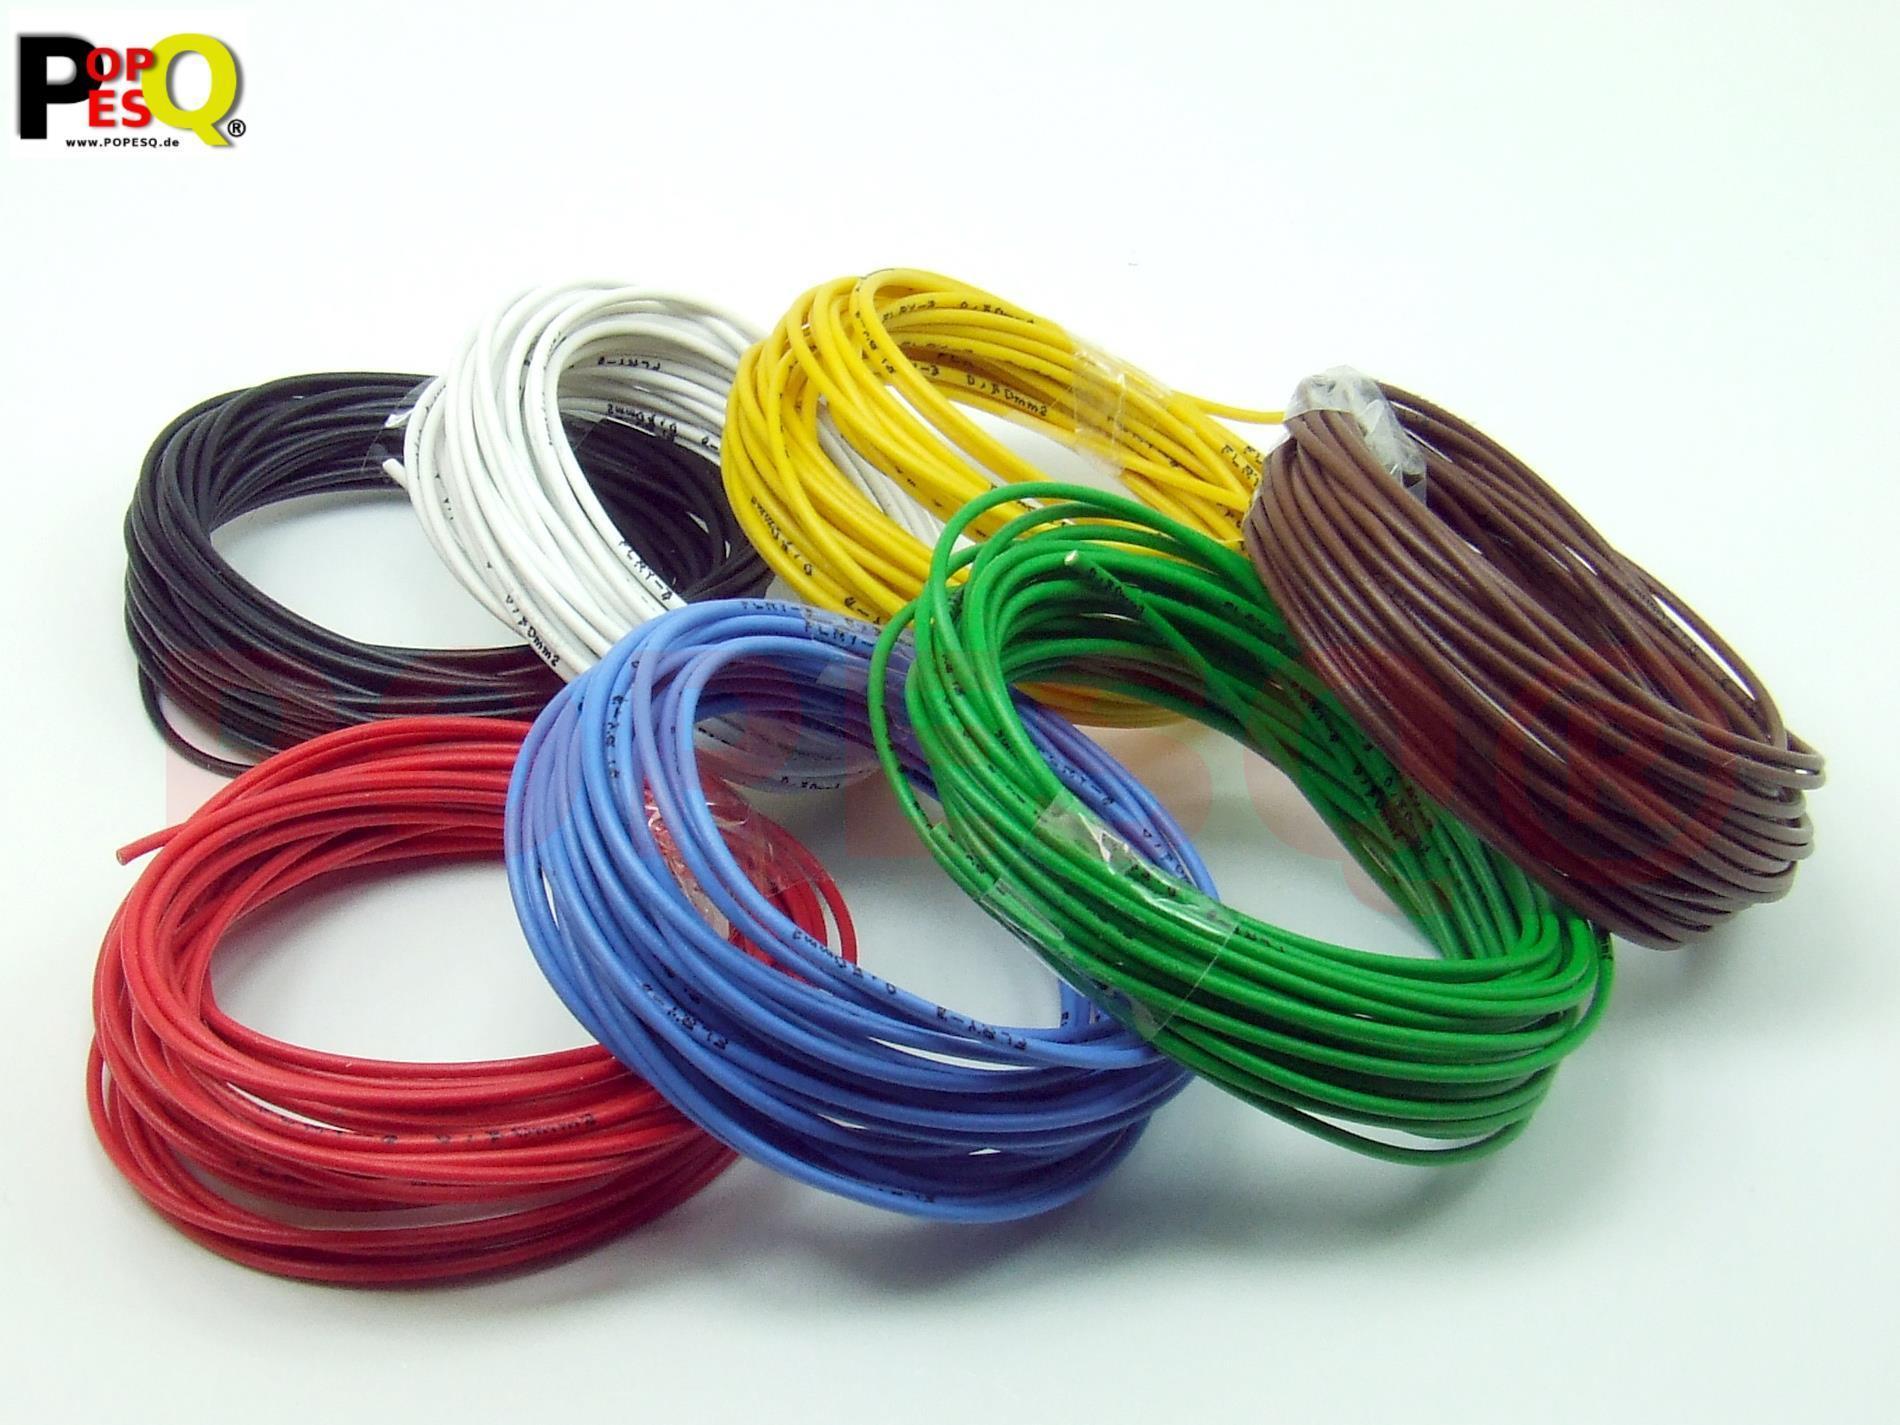 KIT Draht 1 polig 0.22mm² Litze PKW 9 Farben #A2299